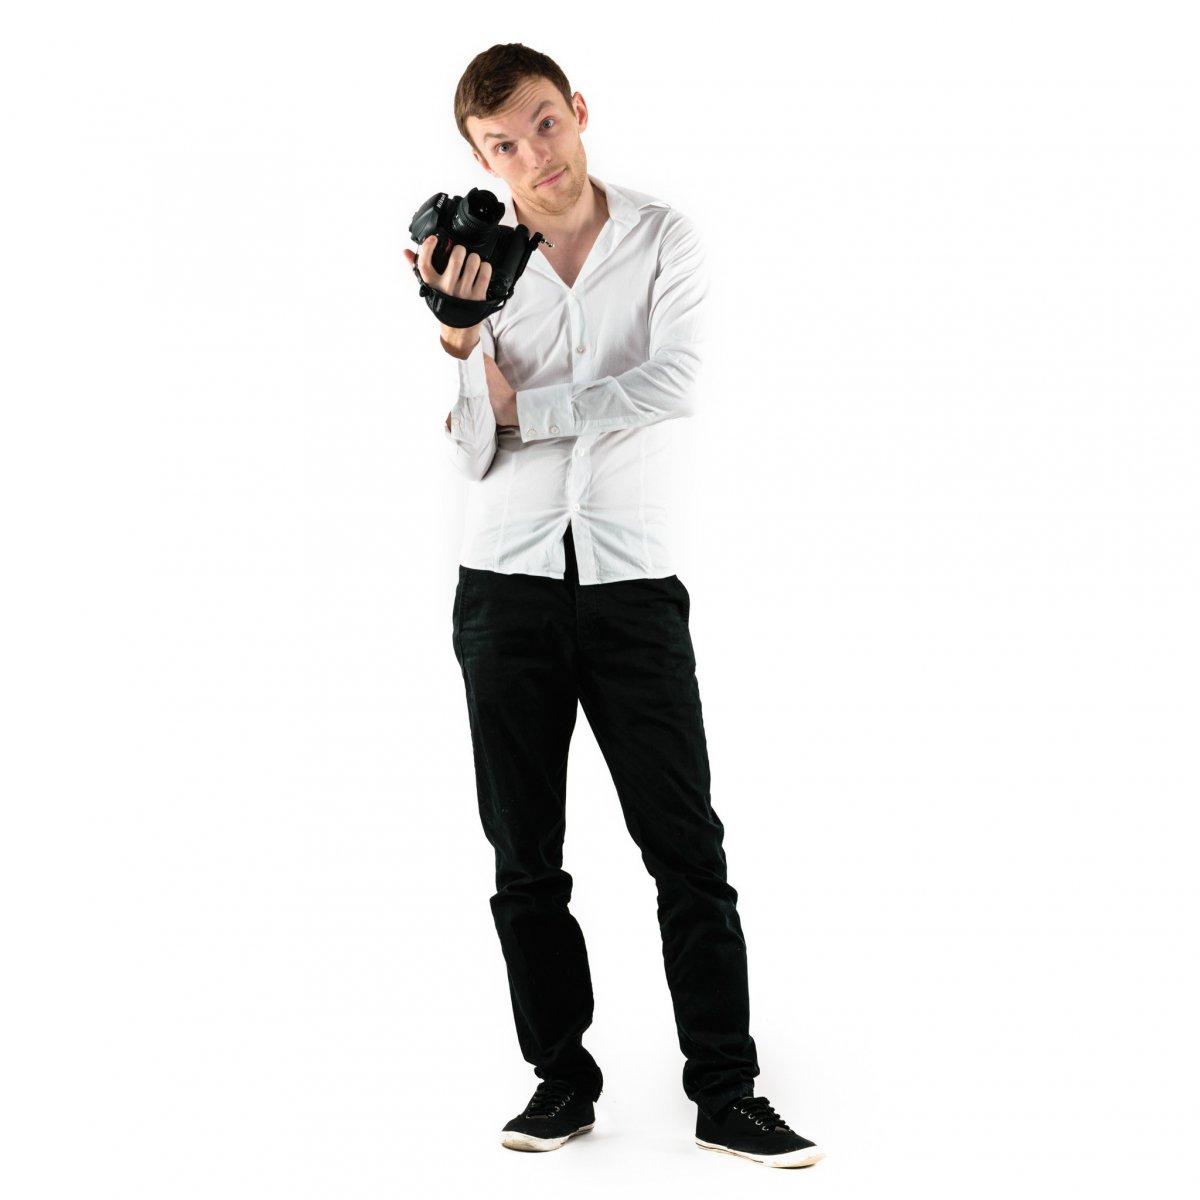 Hochzeits-, Privat- und Businessfotografie sowie Webseitenentwicklung aus einer Hand.